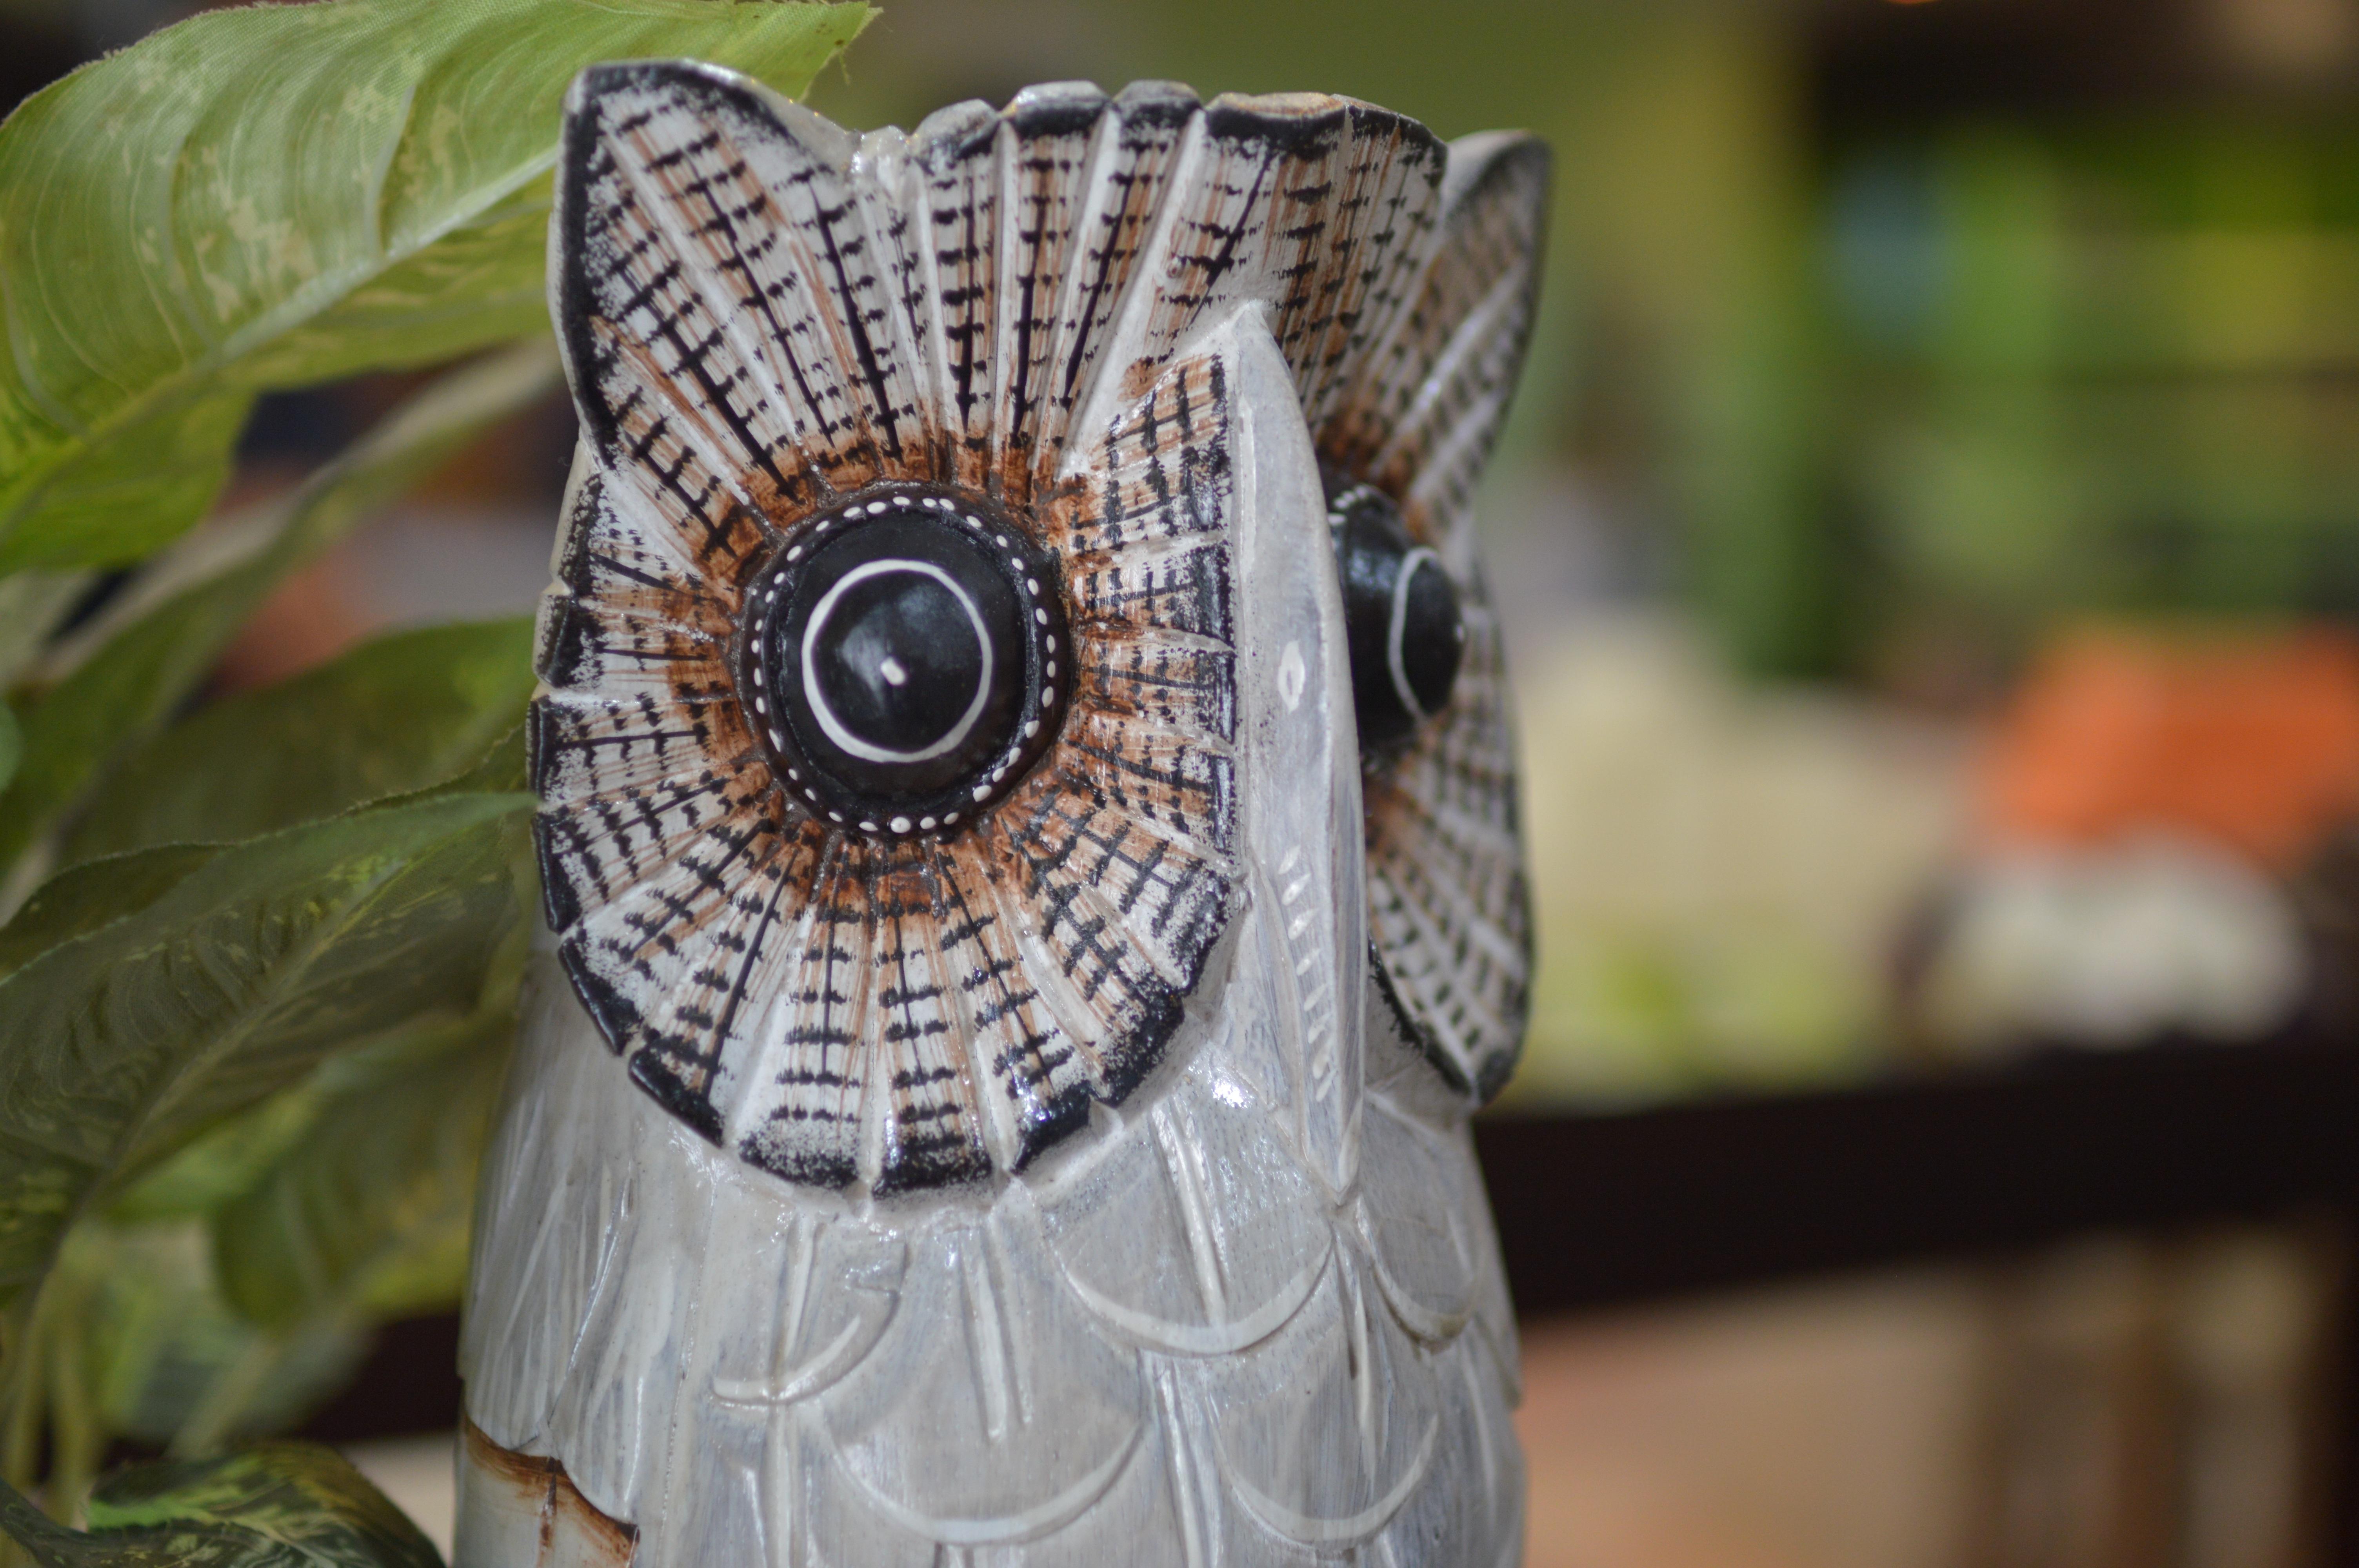 Fotos gratis : pájaro, regalo, patrón, ropa, búho, escultura, art ...